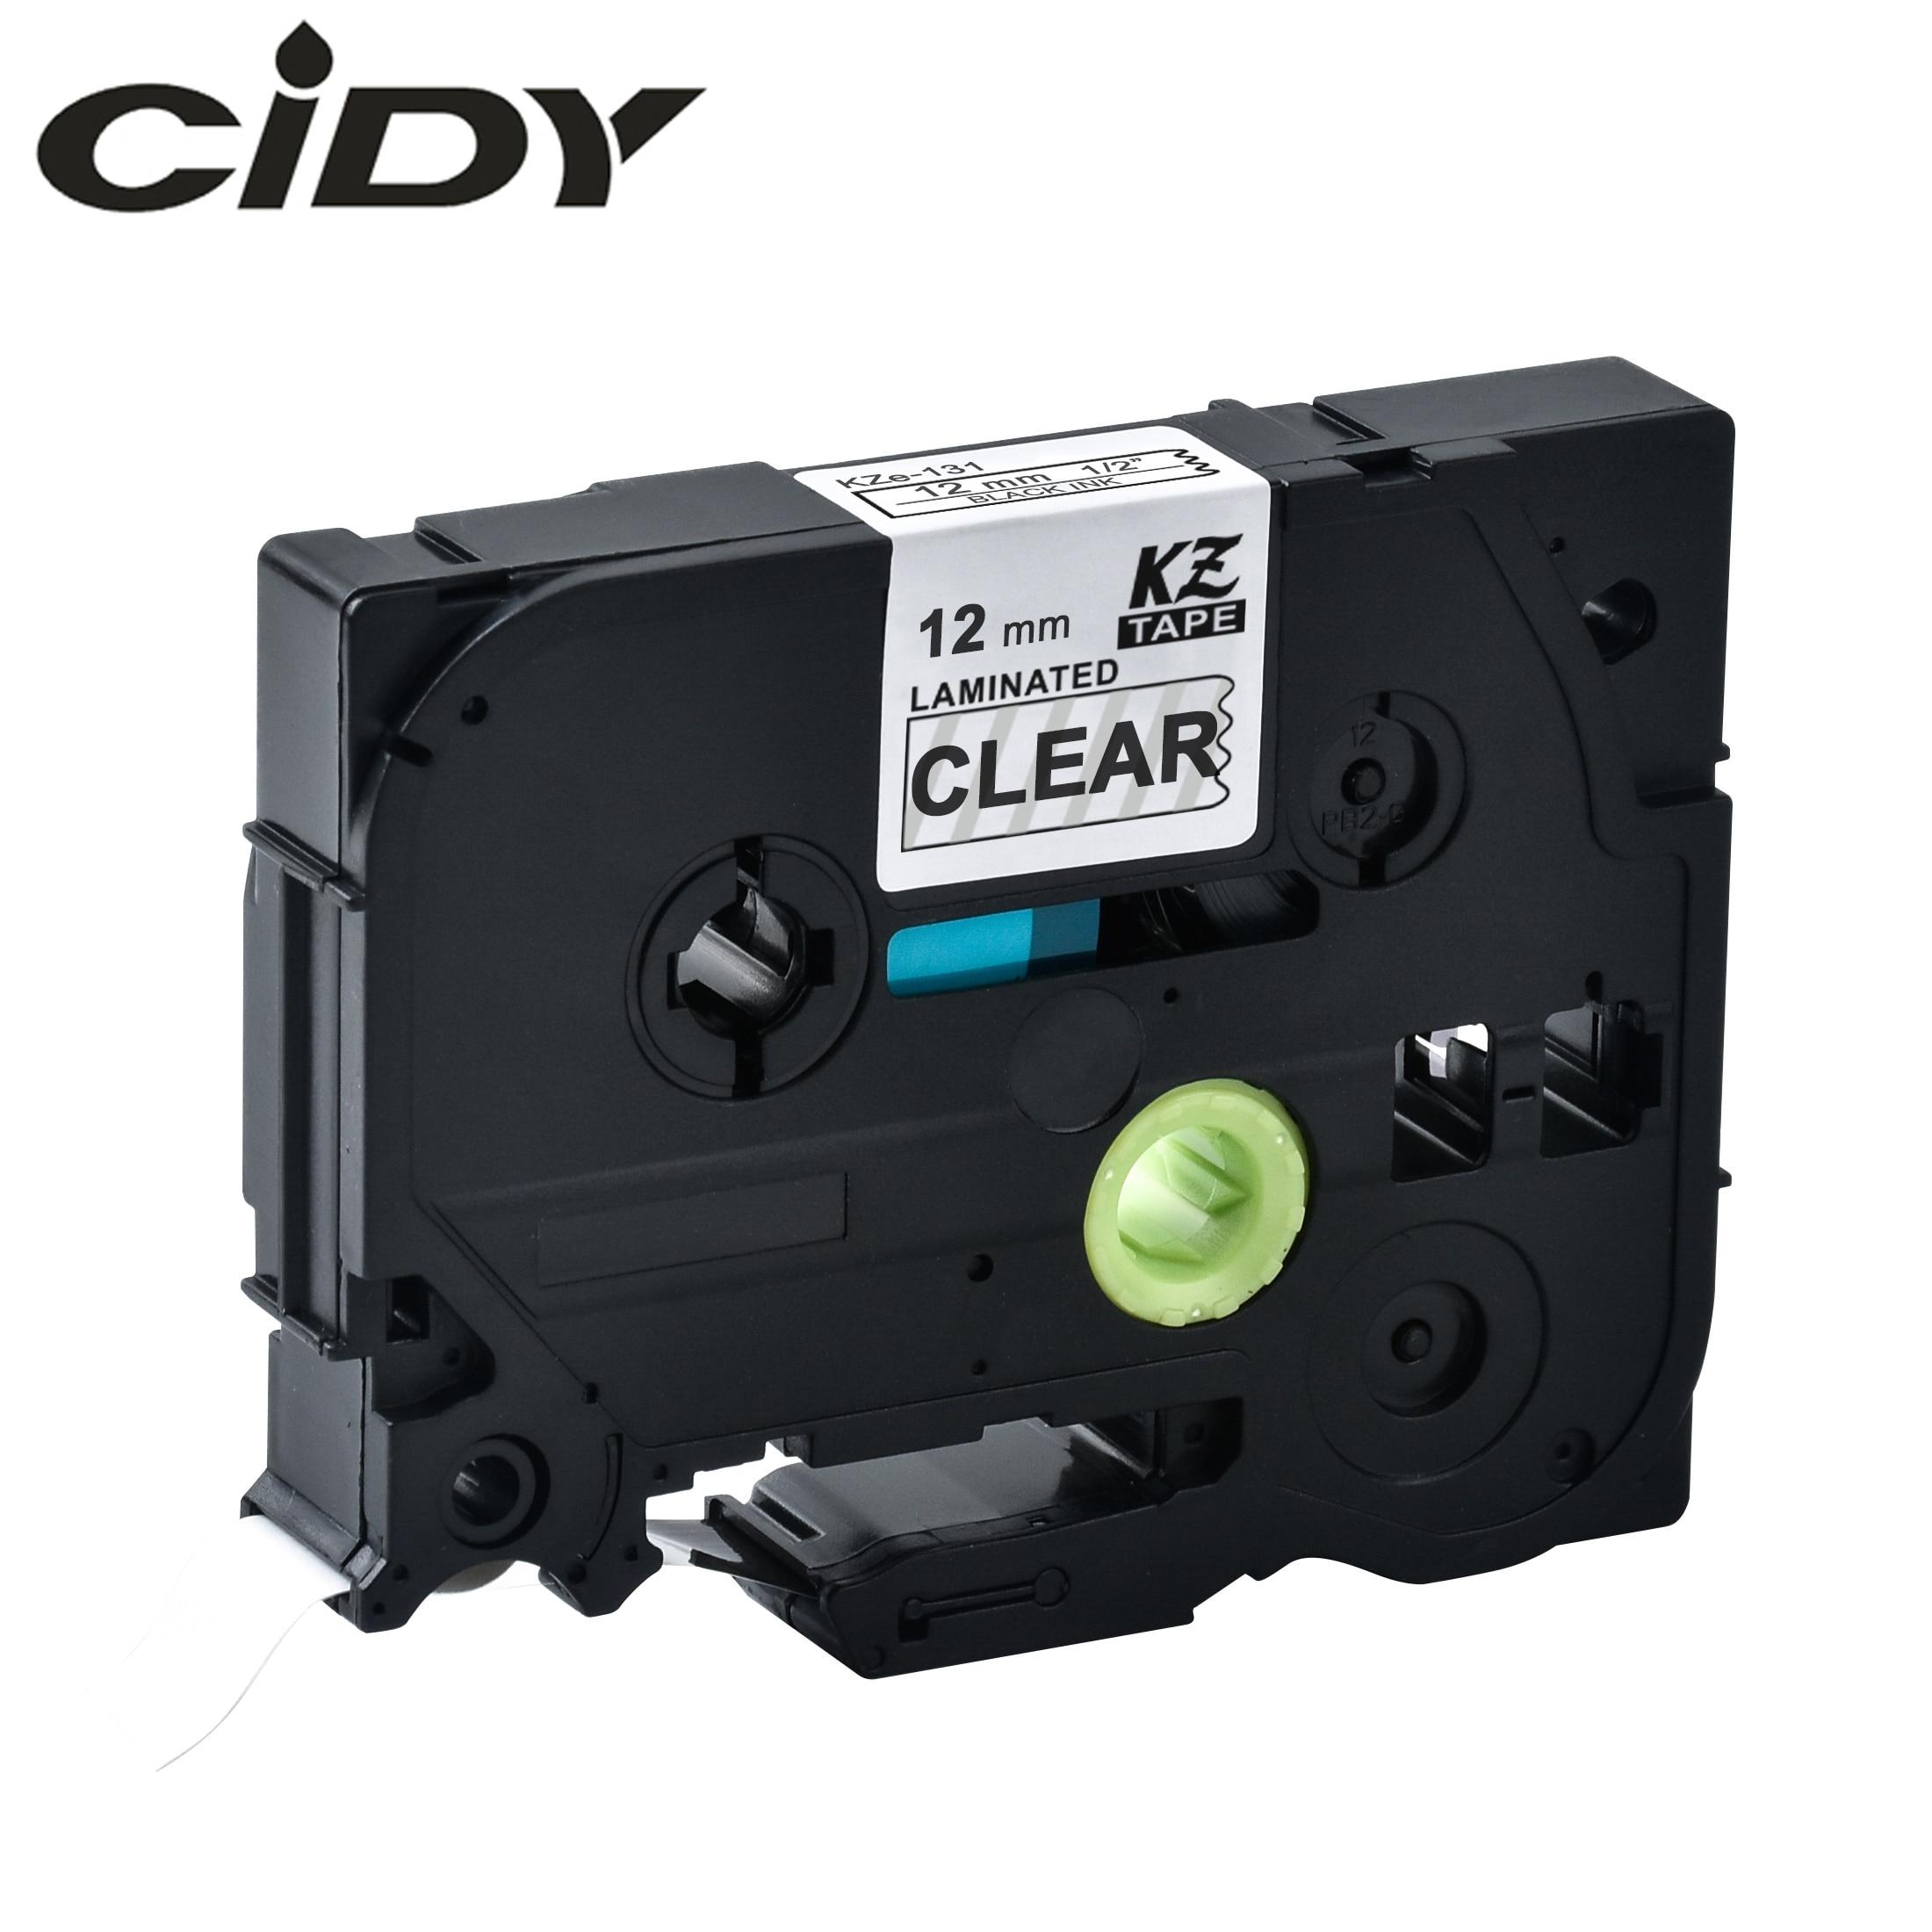 CIDY  Tze 131 Tz131 Black On Clear Laminated Compatible P Touch 12mm Tze-131 Tz-131 Tze131 Label Tape Cassette Cartridge